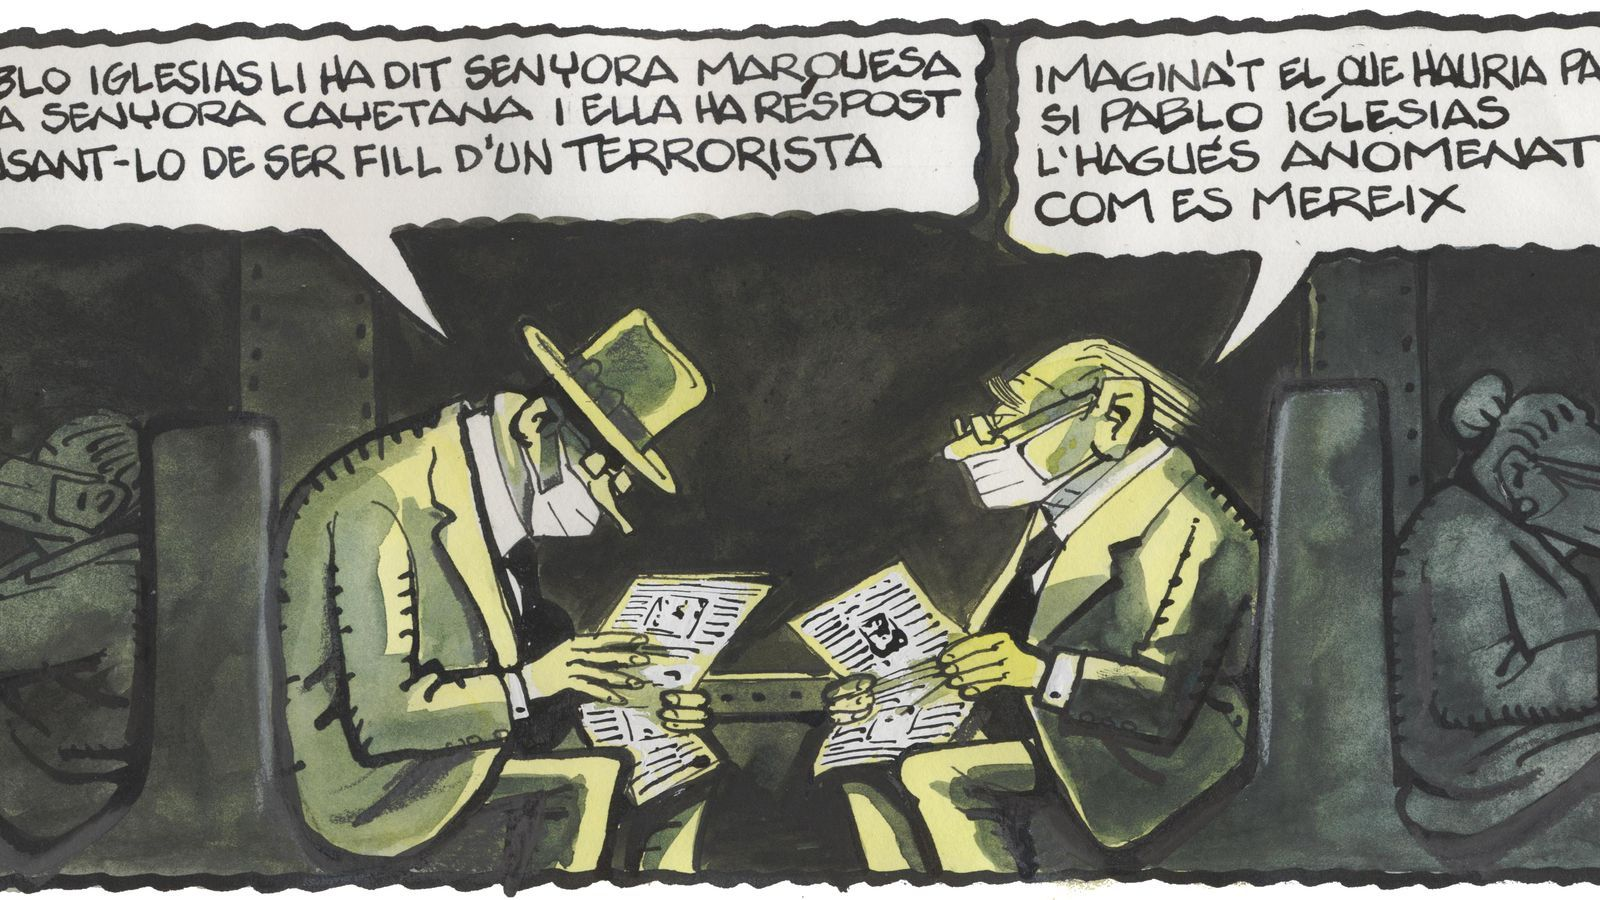 'A la contra', per Ferreres 29/05/2020